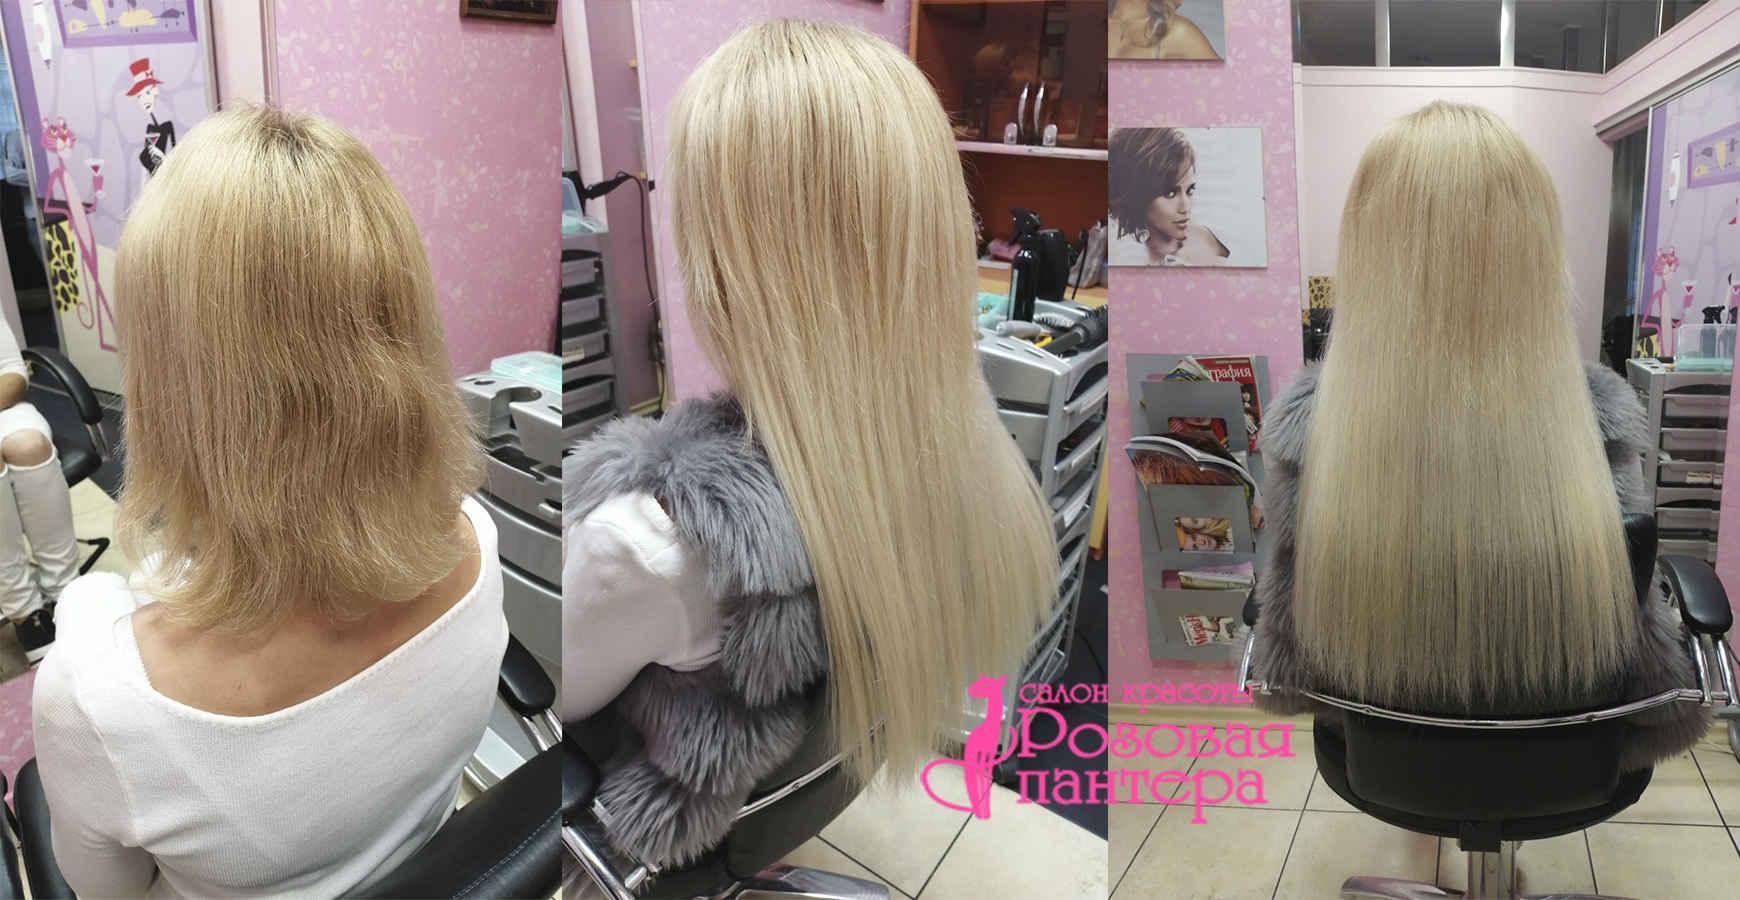 Голливудское наращивание волос в Минске